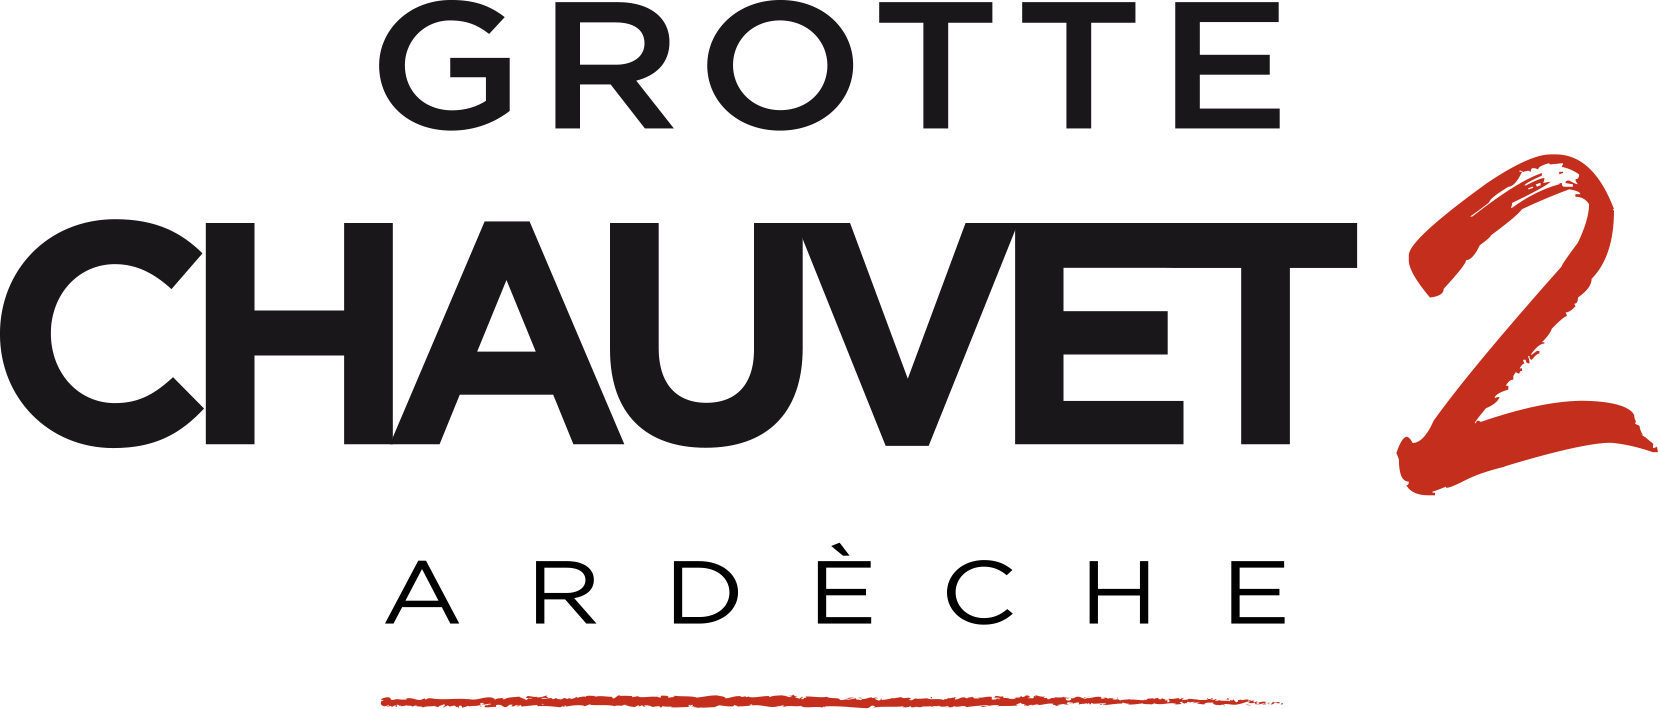 Logo Partenaire Grotte Chauvet 2 - Gîtes de France Ardèche